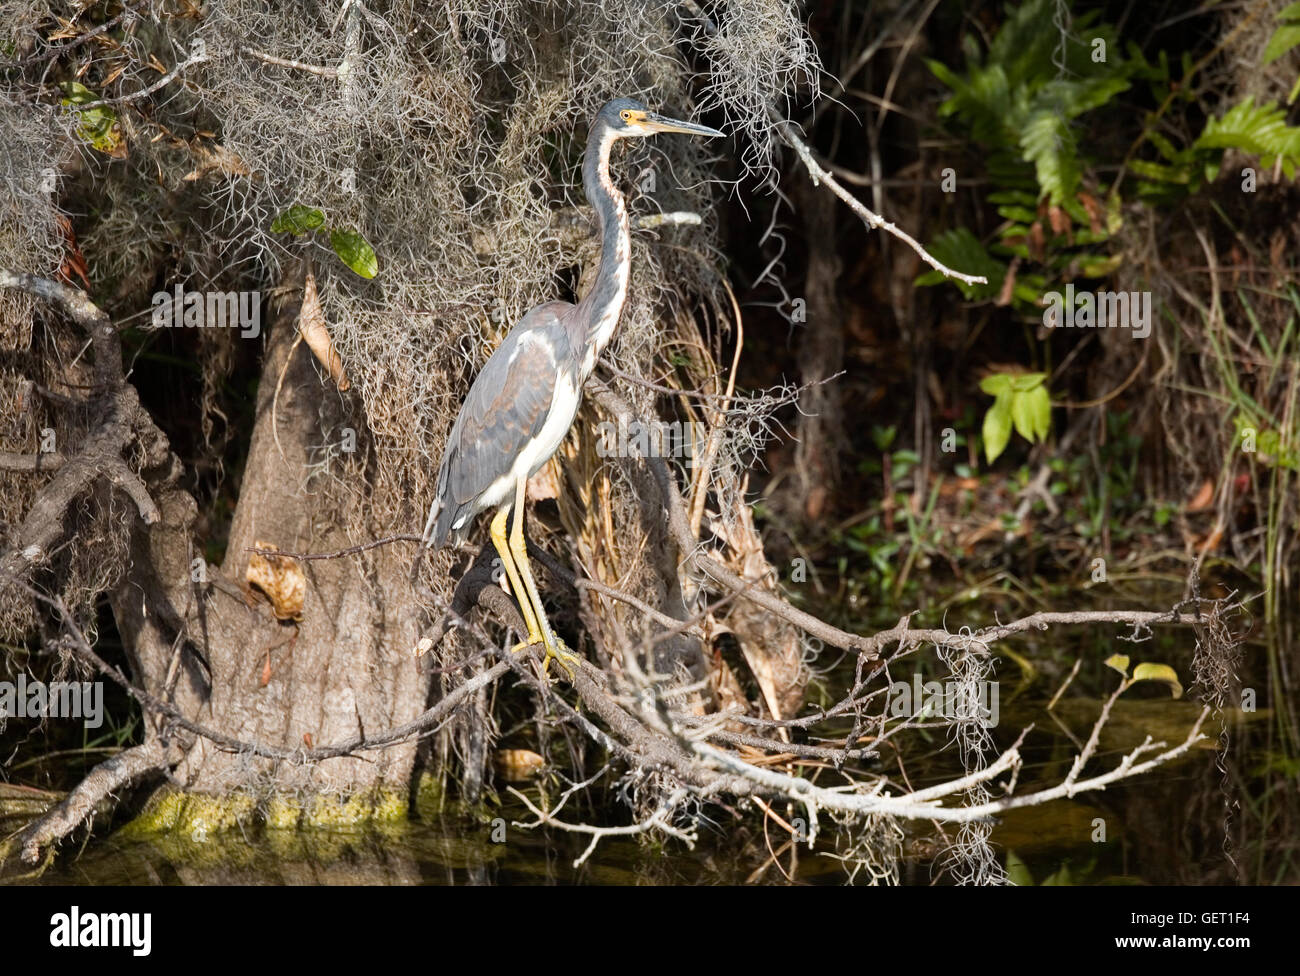 El tricolor Heron aka Louisiana Heron parece completar el círculo se hace con la rama se posó sobre ellos. Imagen De Stock